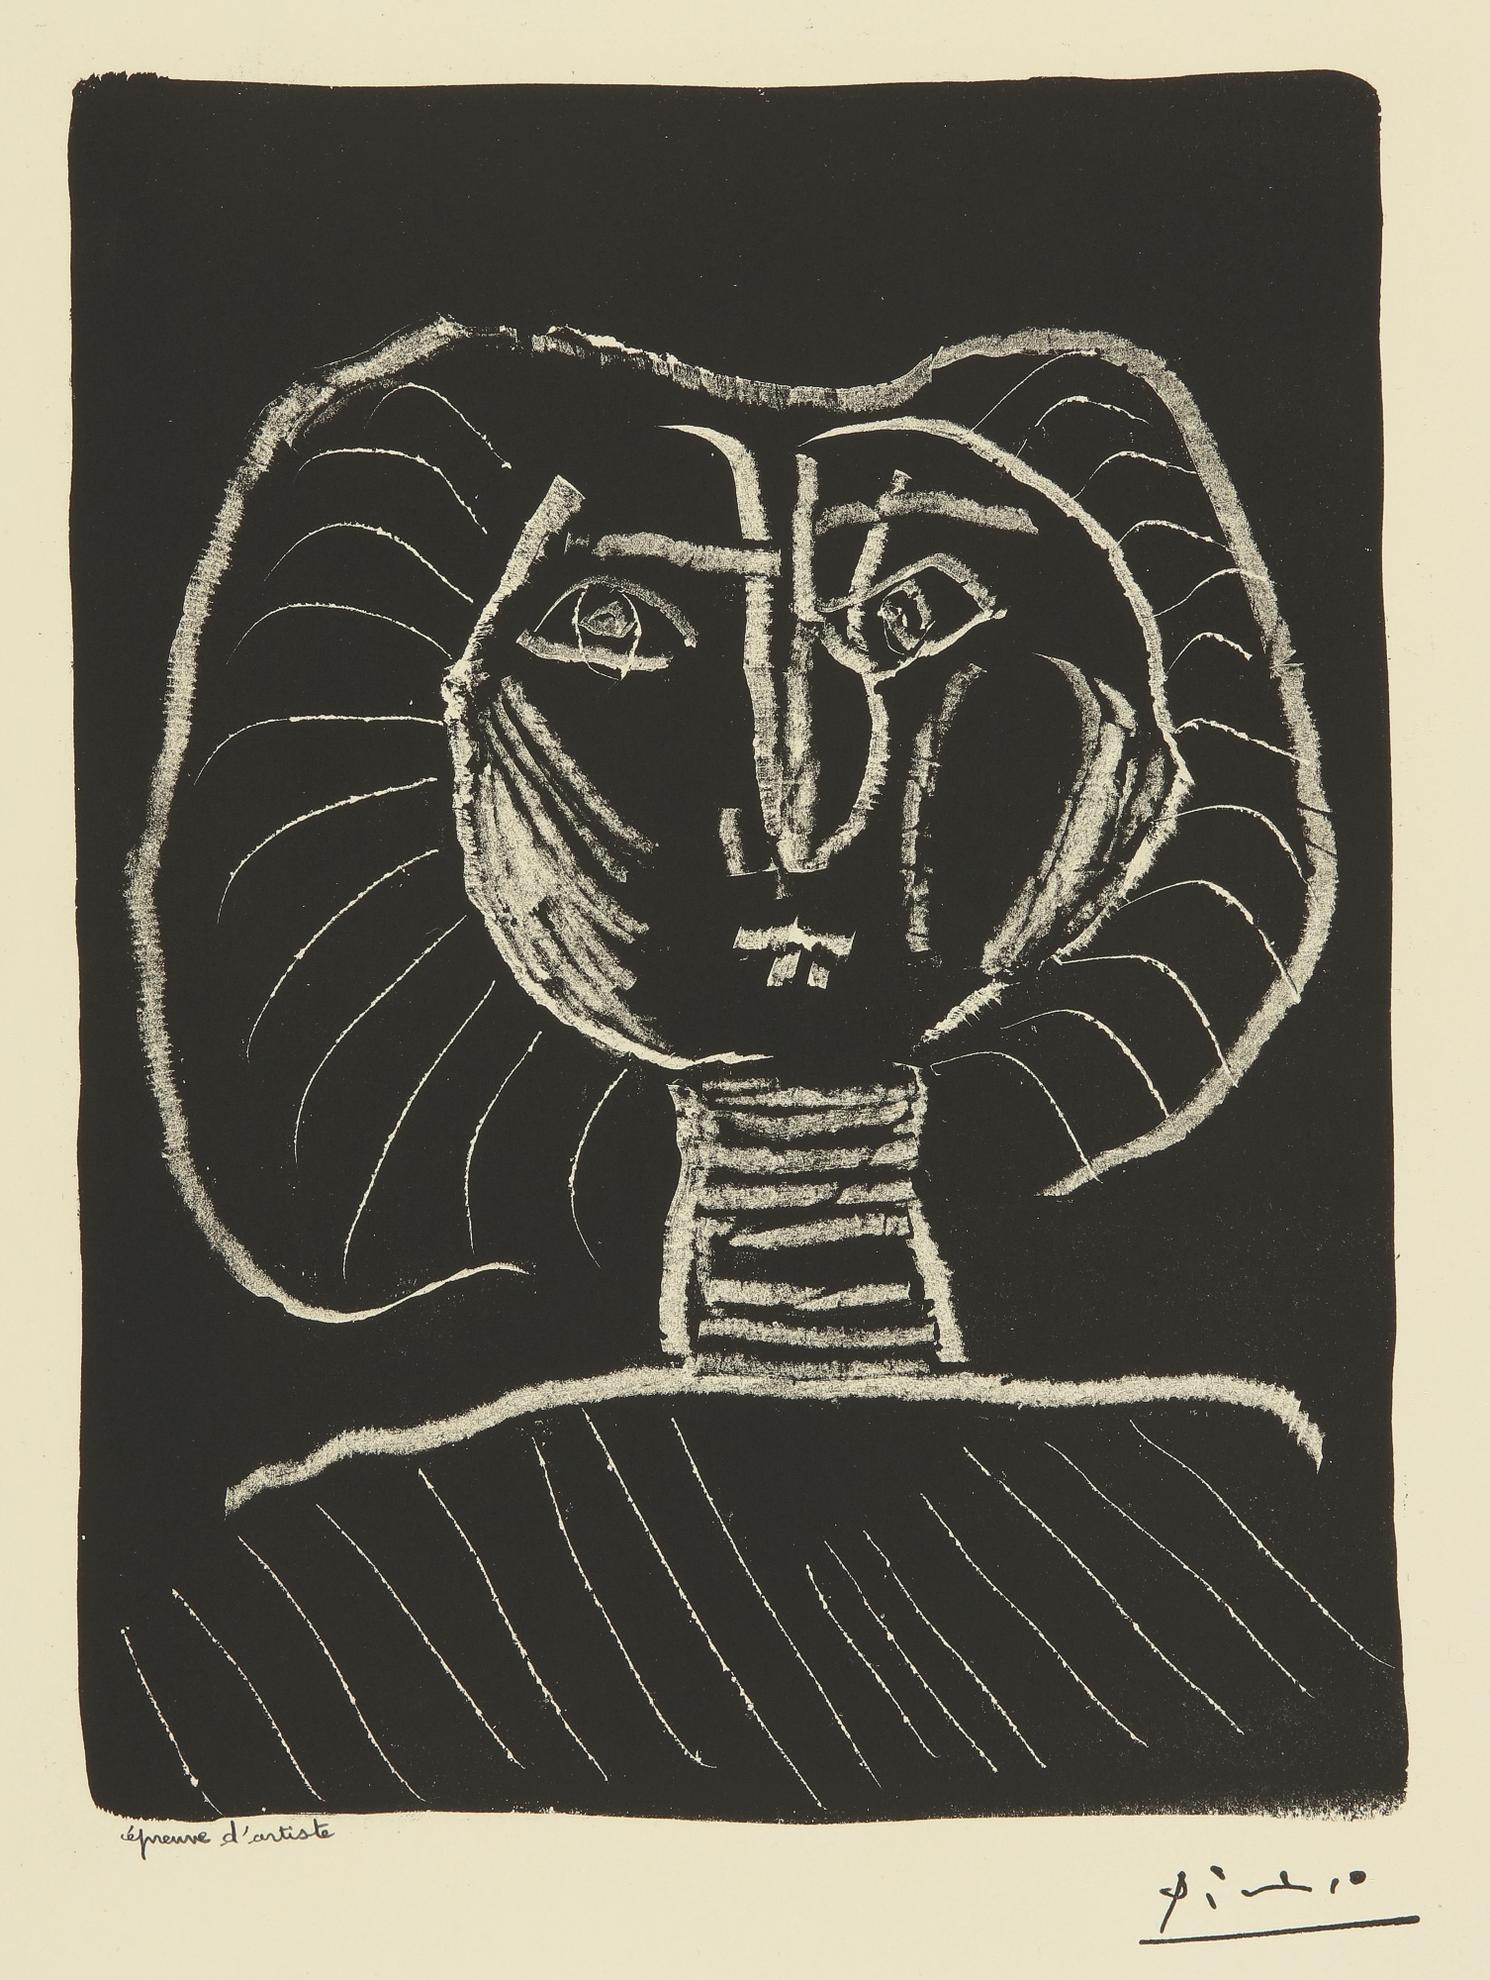 Pablo Picasso-Tete De Femme Fond Noir (B. 376; Mourlot 2)-1945